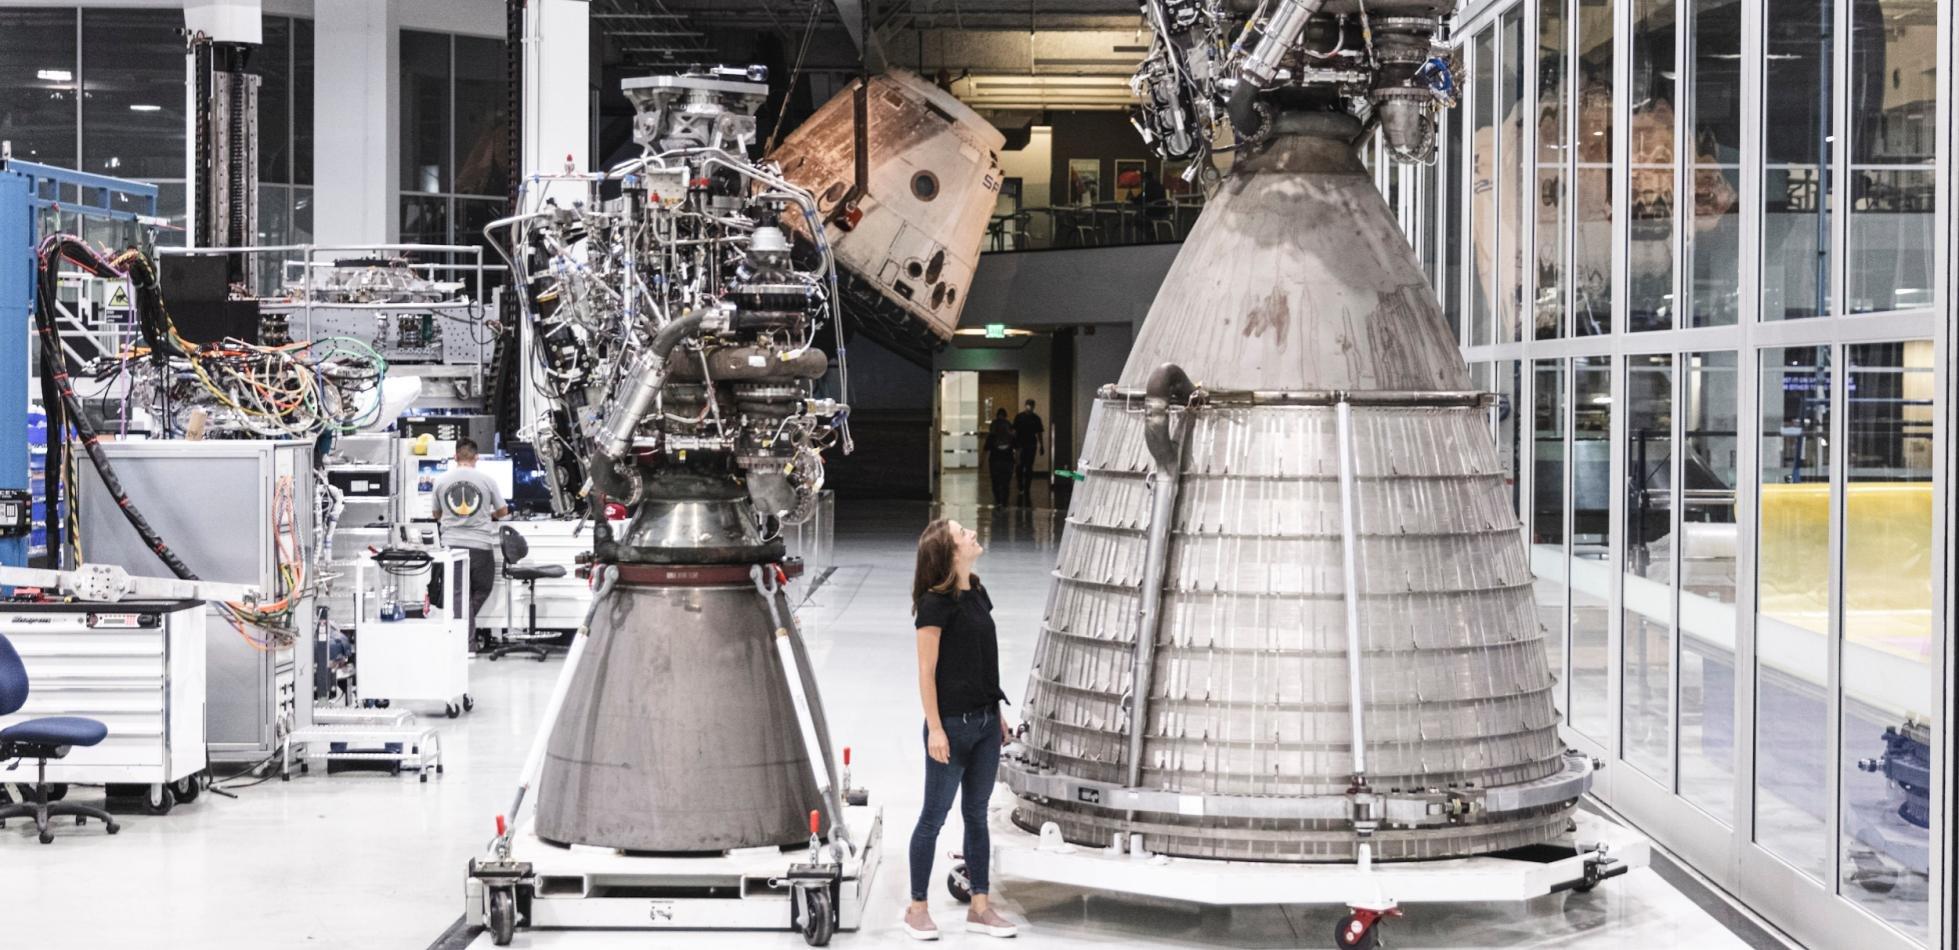 Raptor SpaceX